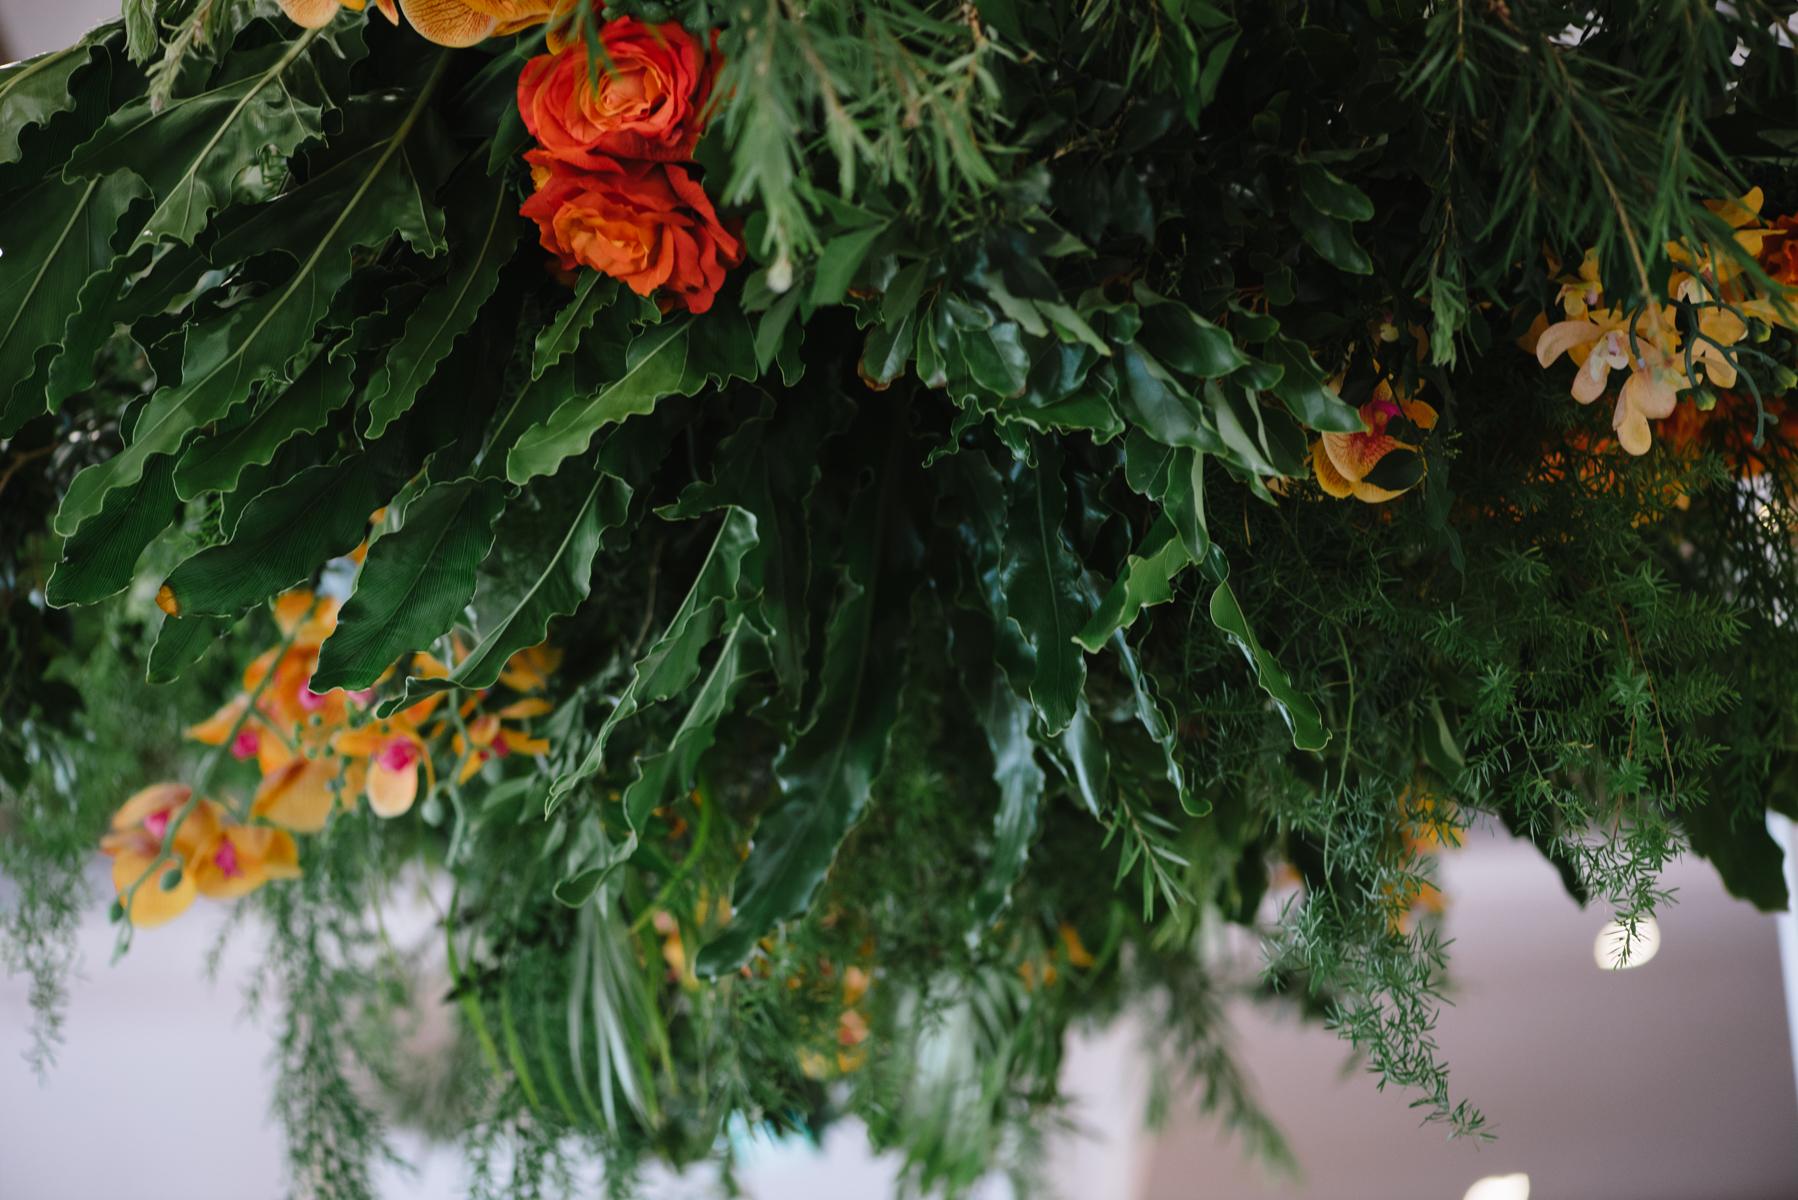 babalou-wedding- skyla sage photography weddings, families, byron bay,tweed coast,kingscliff,cabarita,gold coast-135.jpg